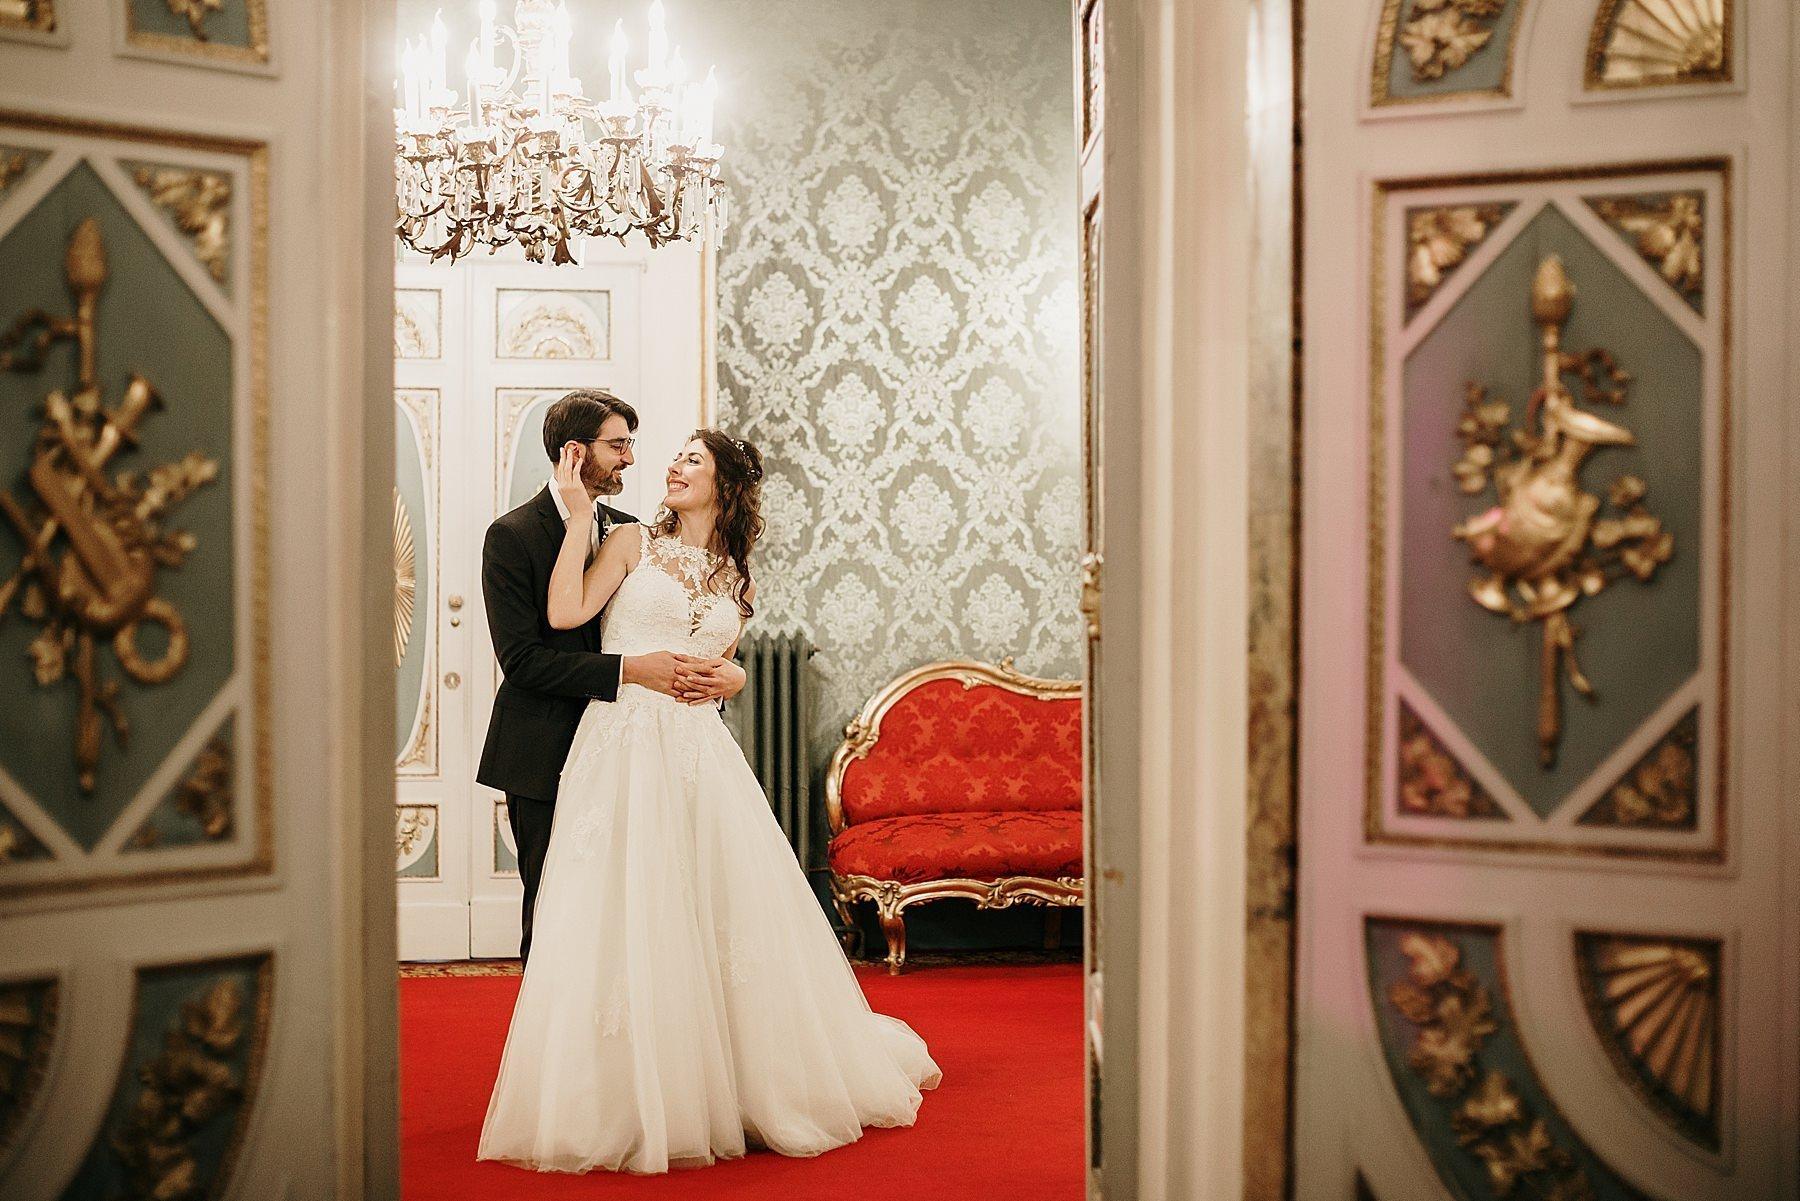 fotografia di matrimonio a firenze in inverno 766